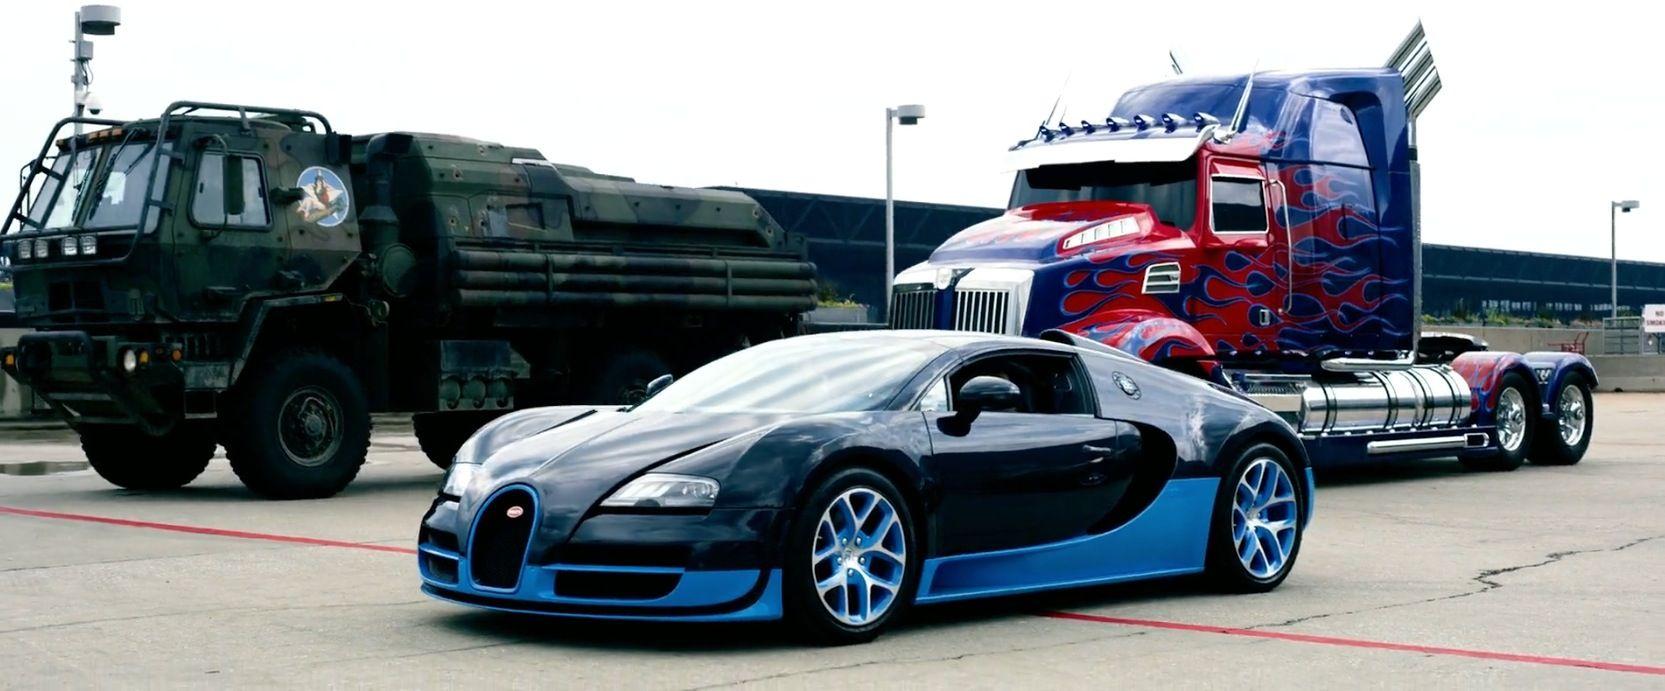 Bugatti Veyron Grand Sport Vitesse 2013 Car In